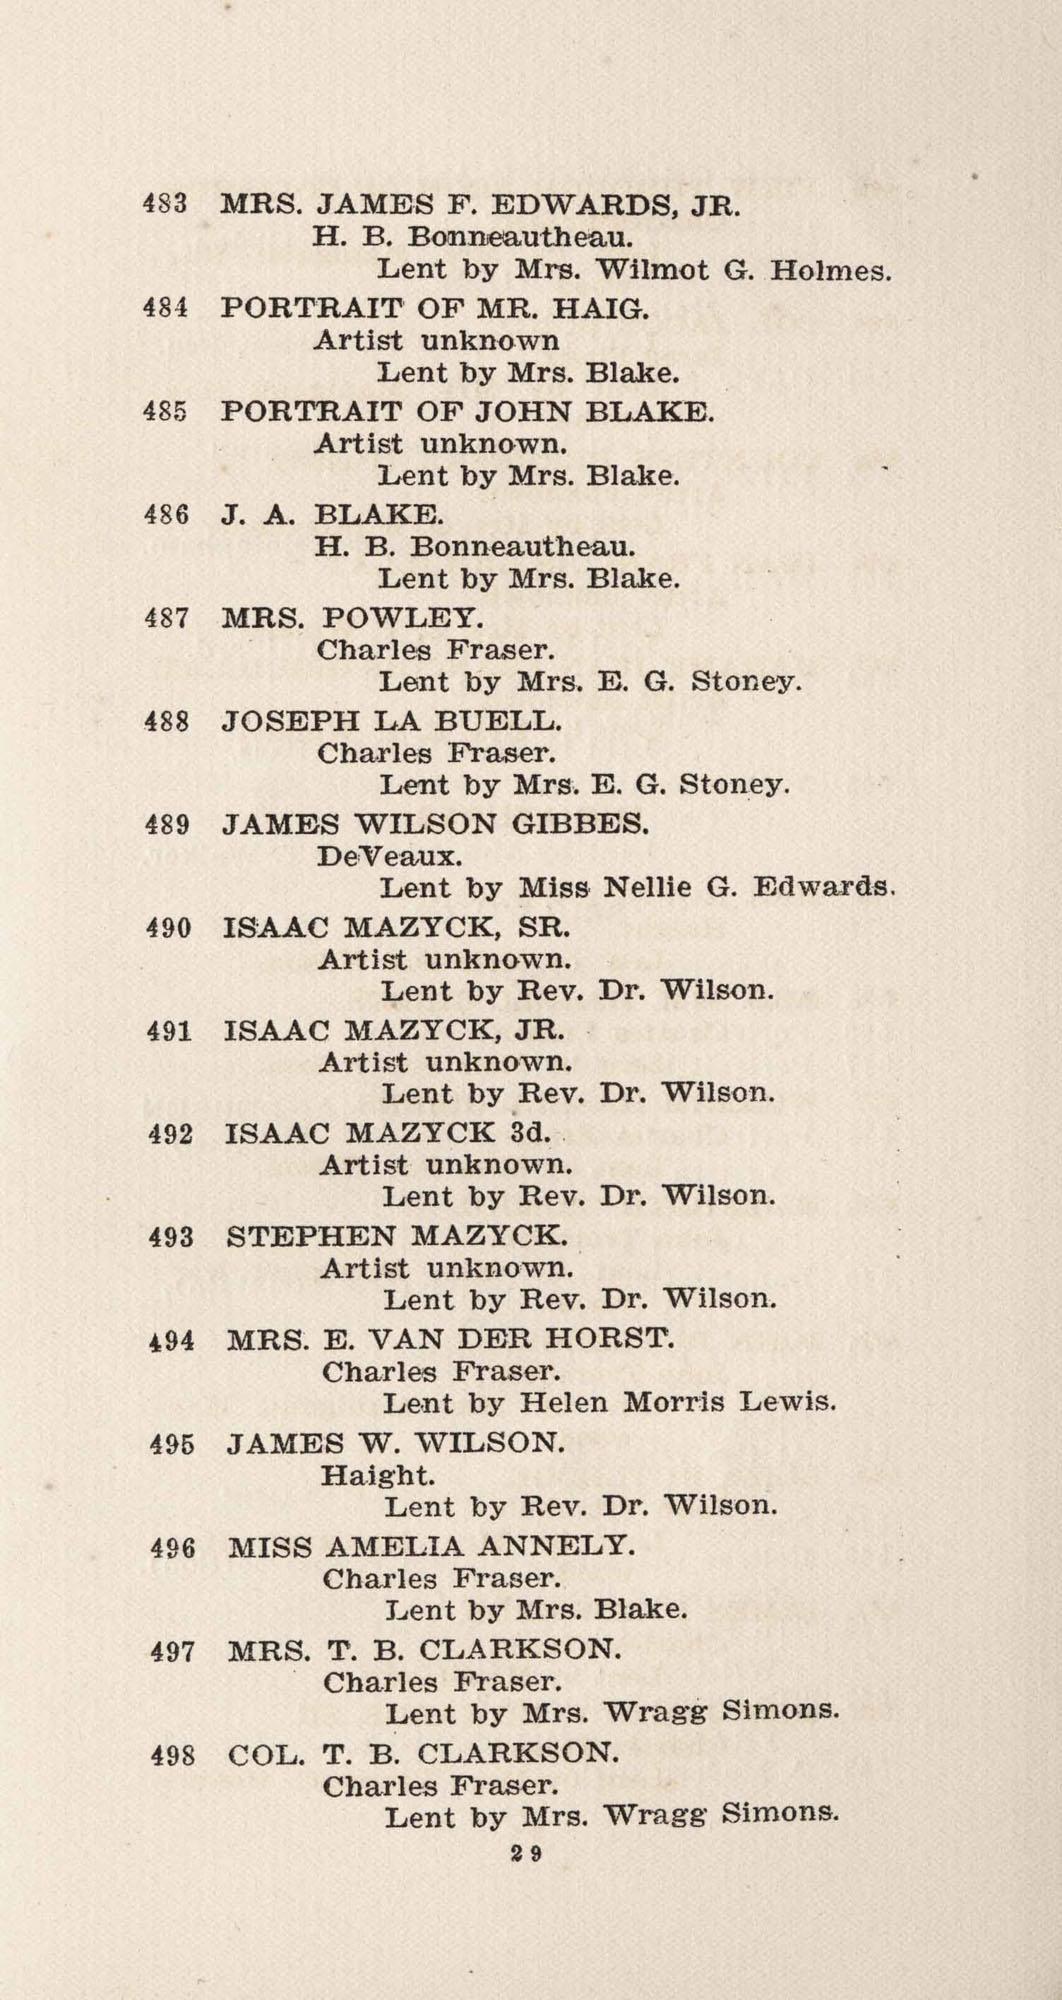 Catalogue, 483-498